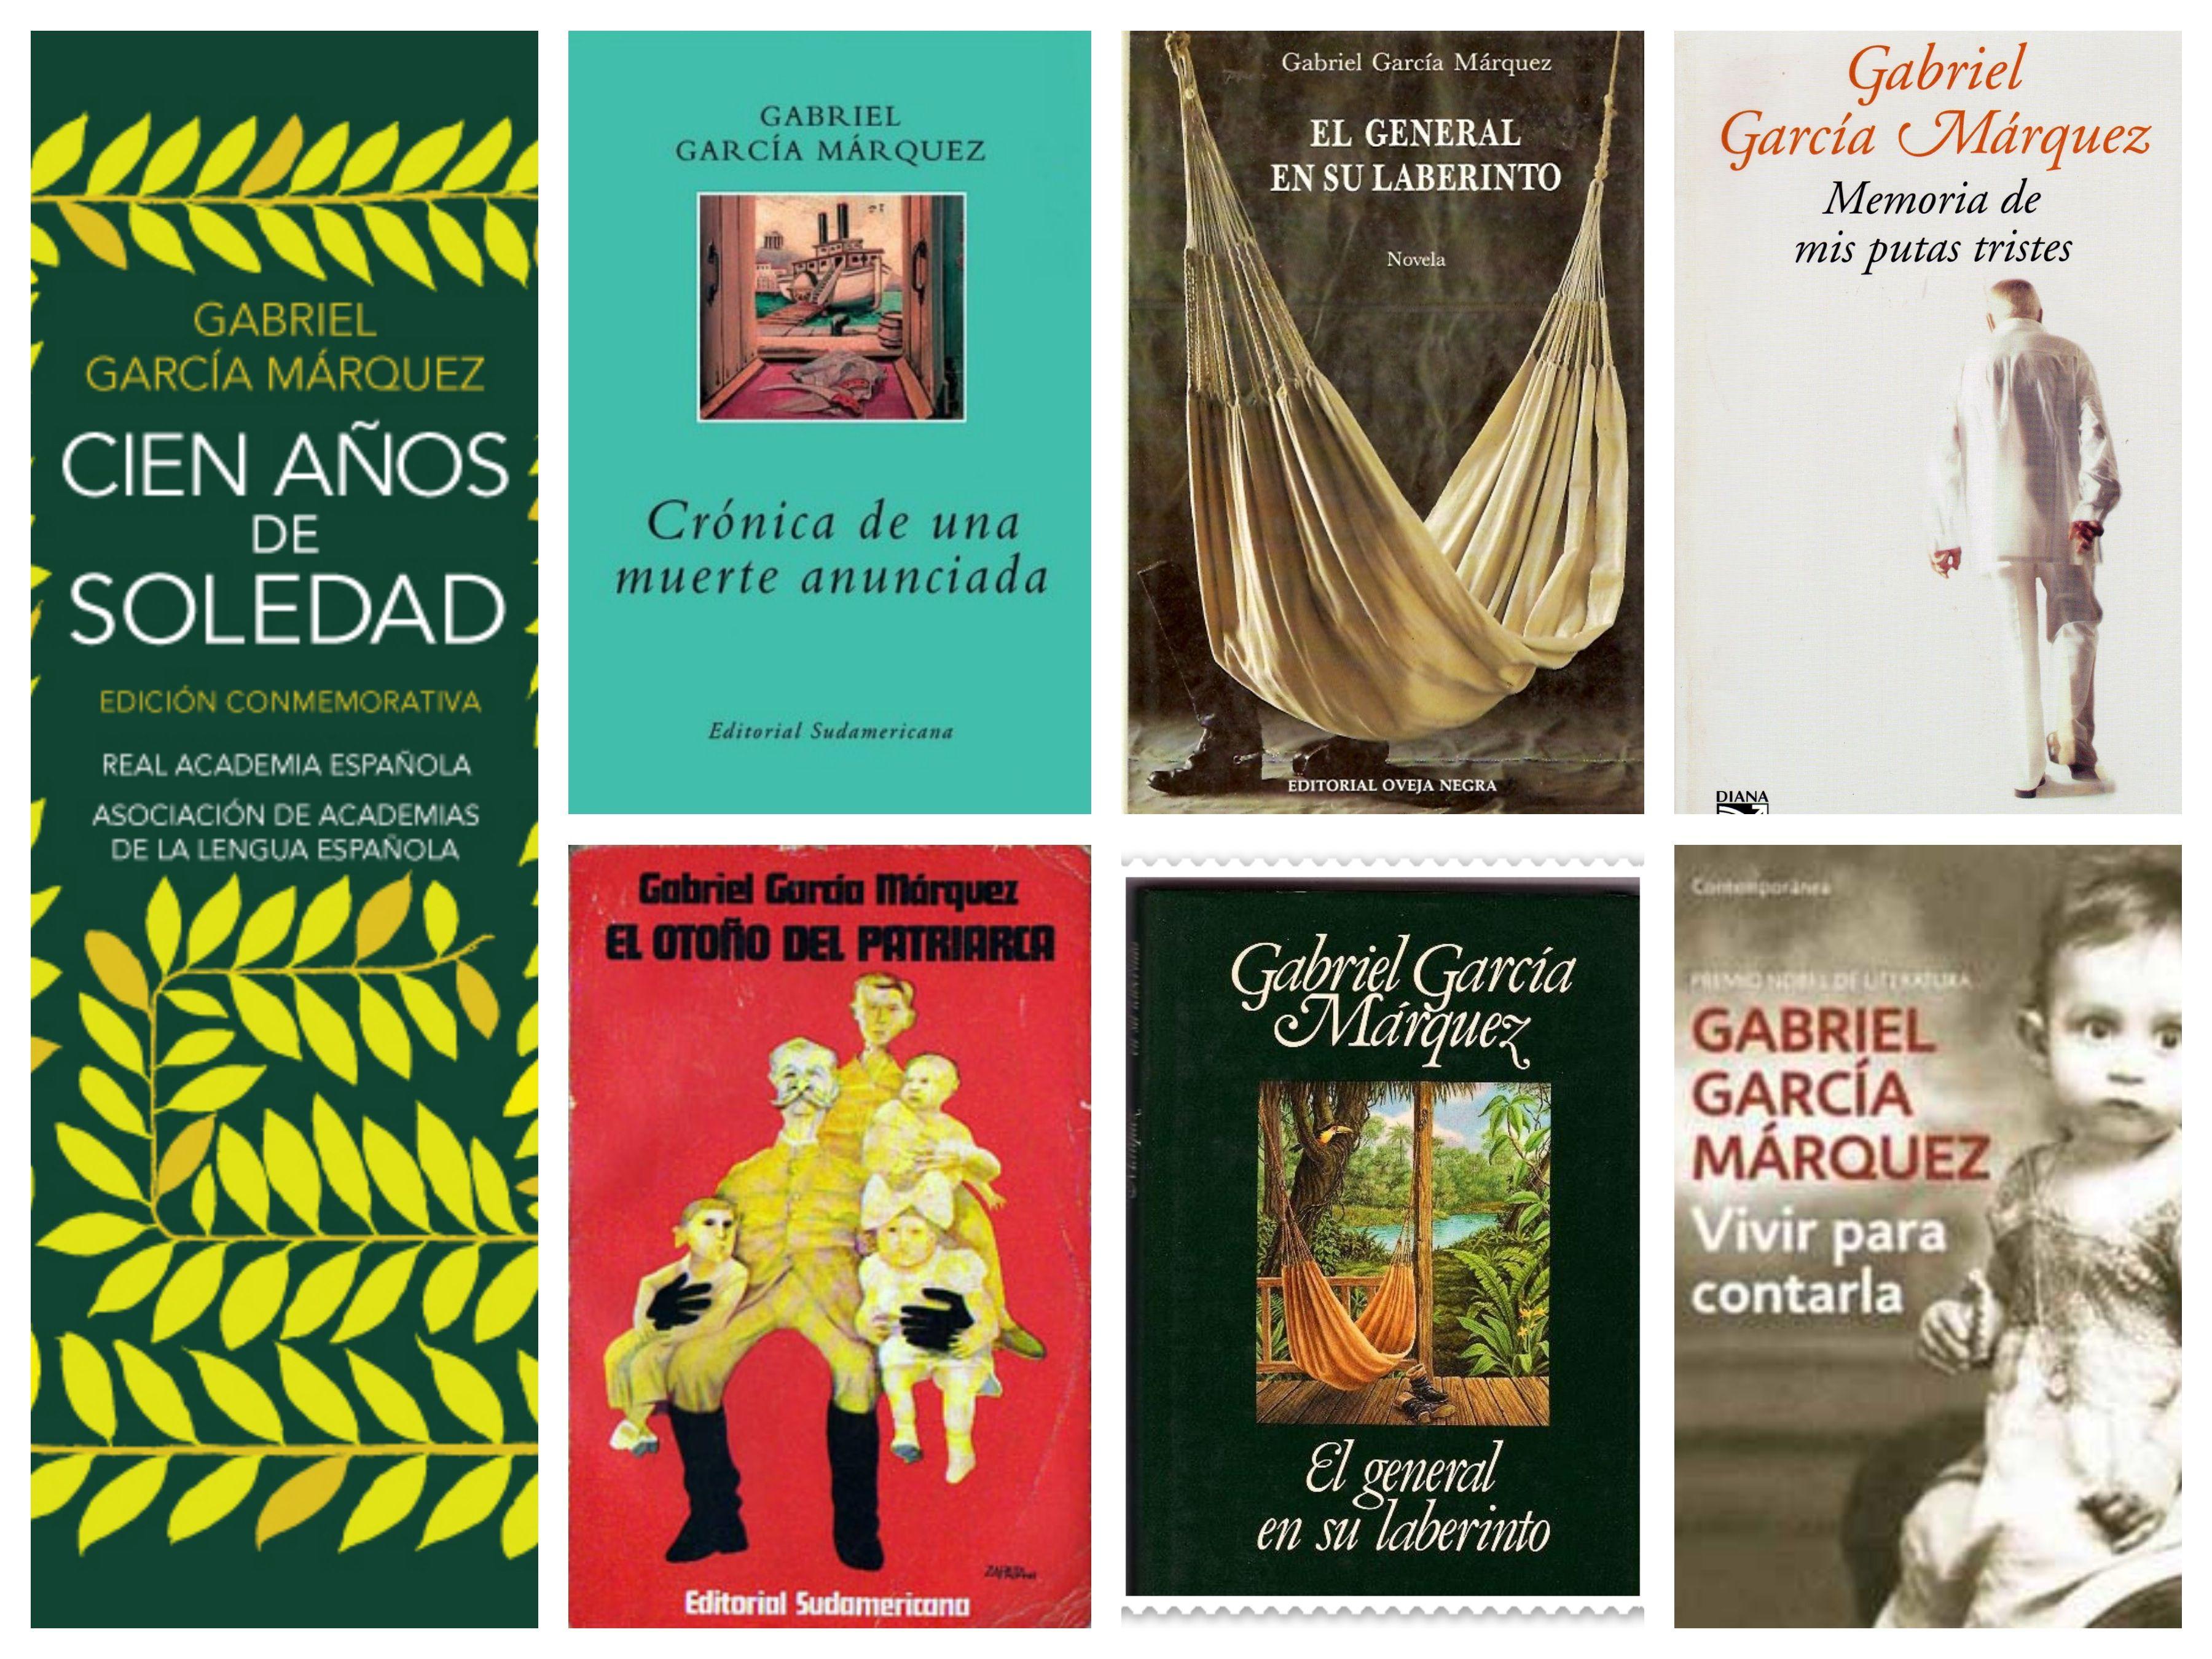 Gabriel Garcia Marquez Descargar Los Libros Gabriel Garcia Marquez Garcia Marquez Gabriel Garcia